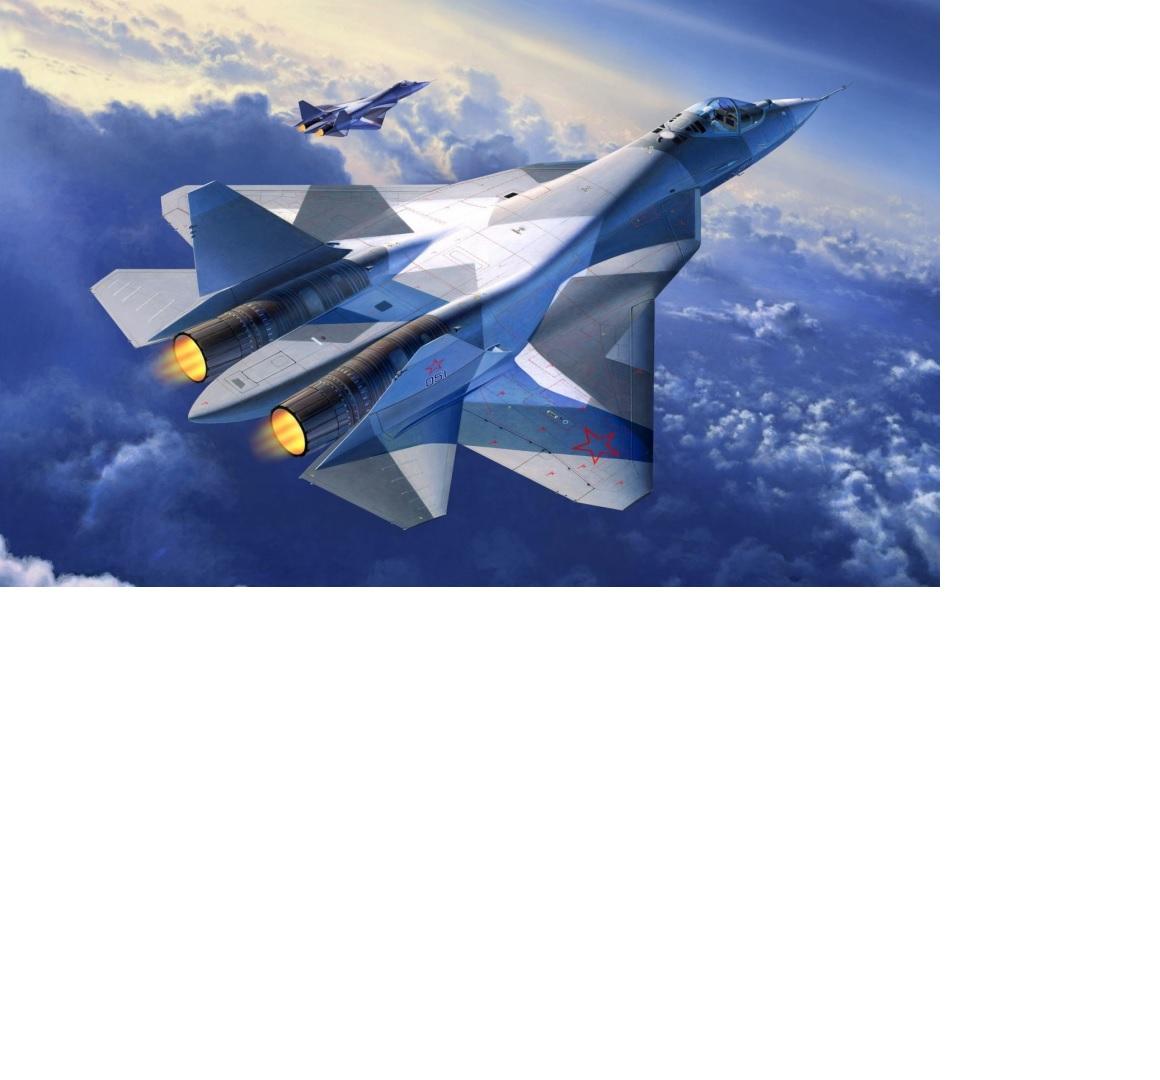 Название: ПАК-ФА Т-50.jpg Просмотров: 262  Размер: 149.6 Кб